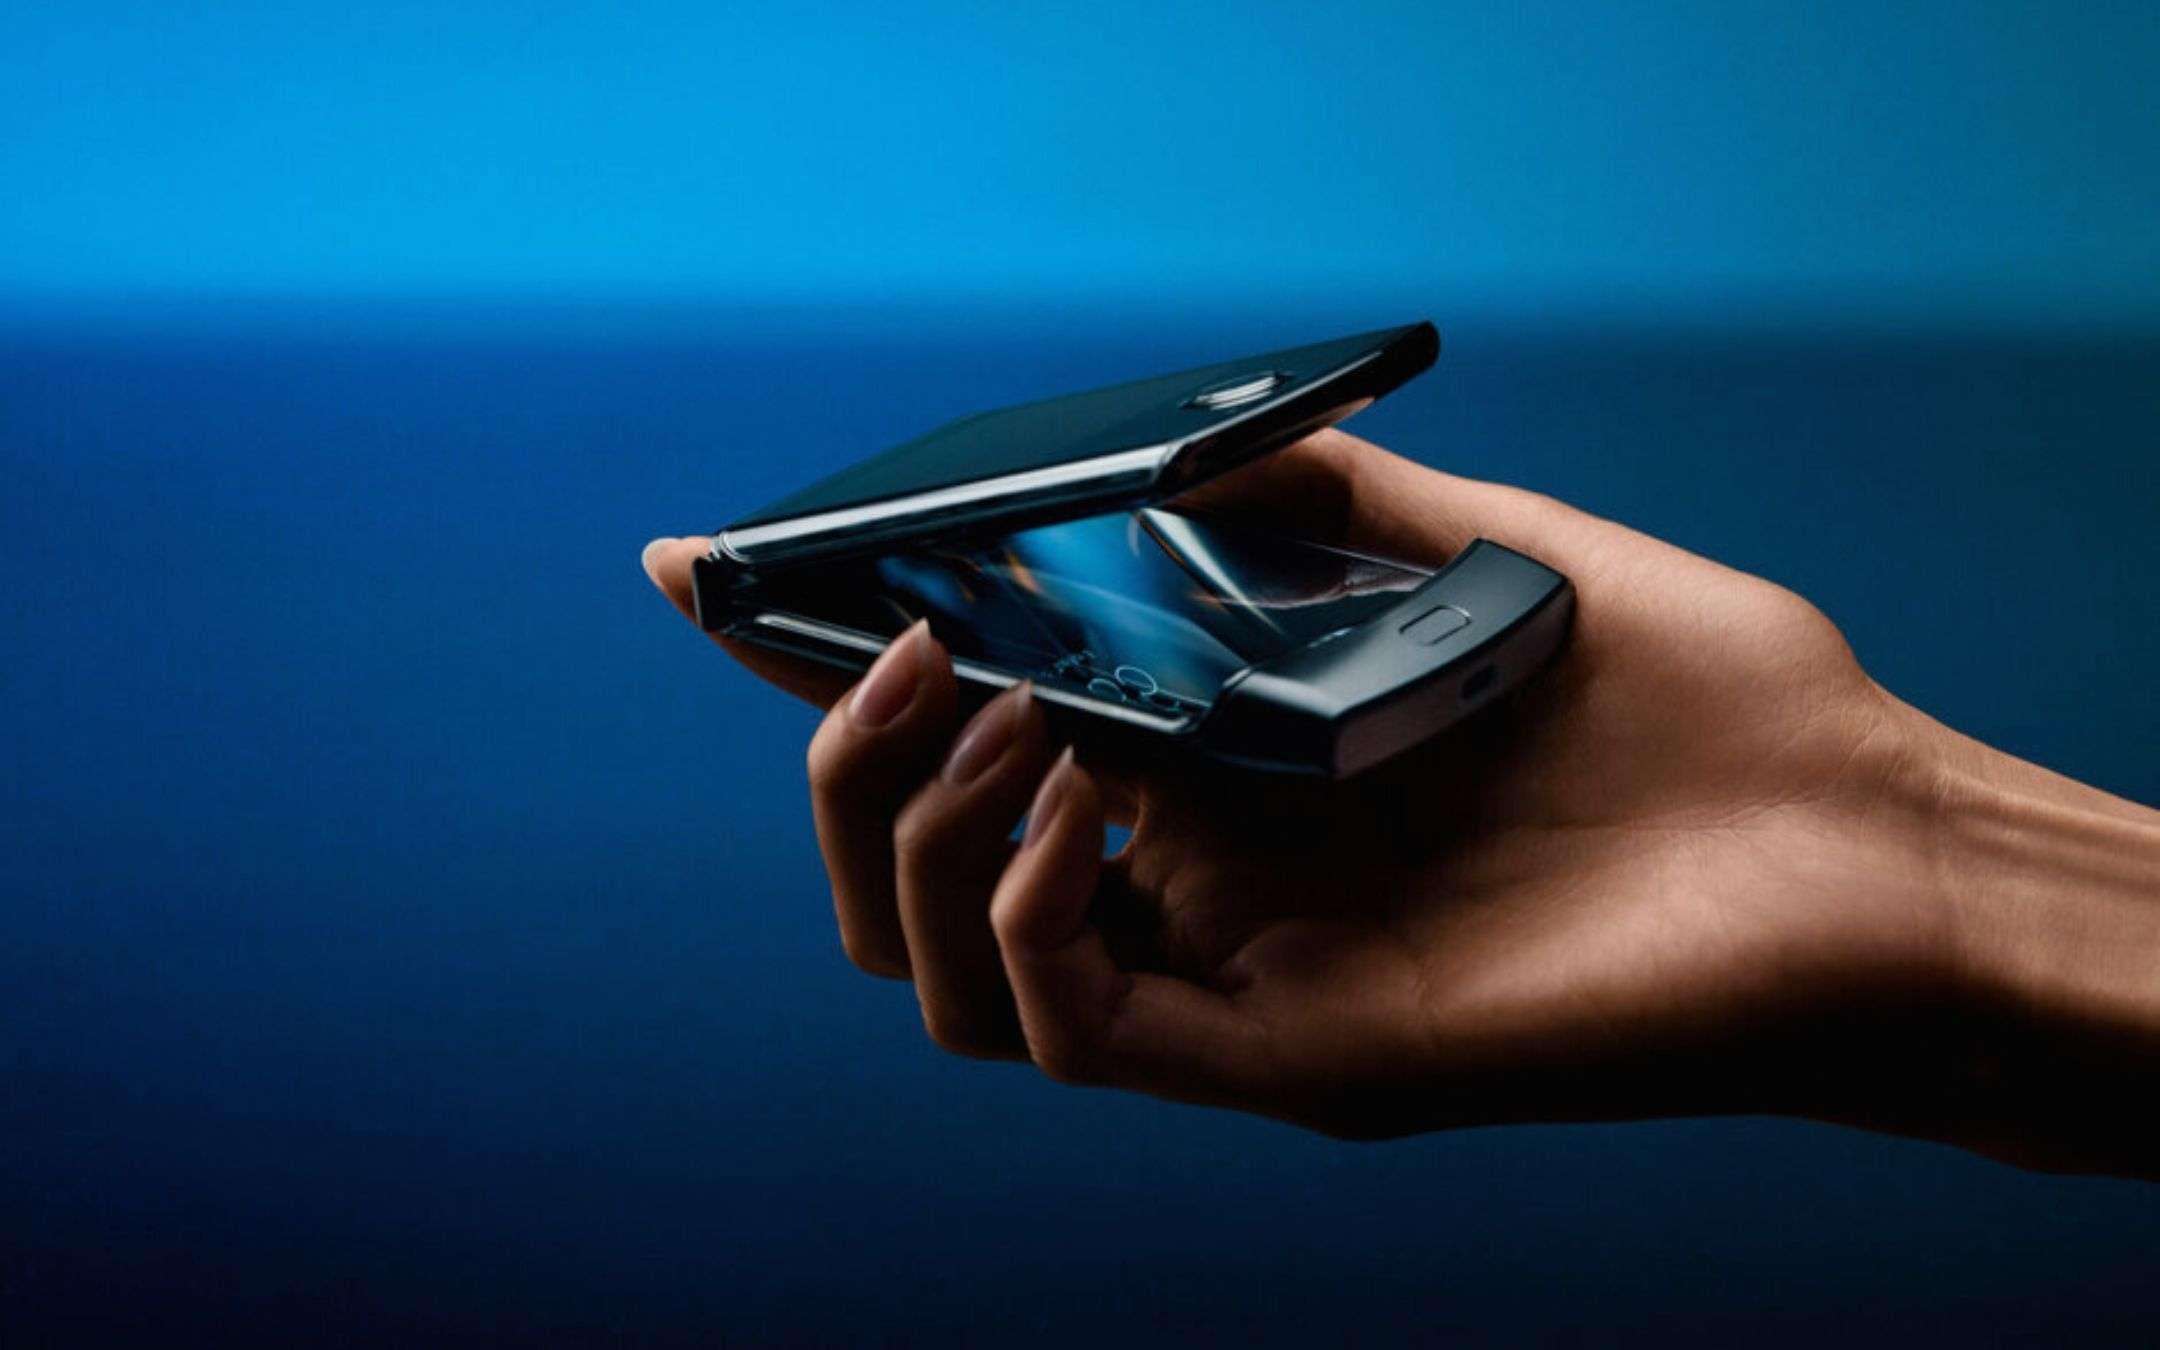 Motorola razr 2: no, non quest'anno, a quanto pare